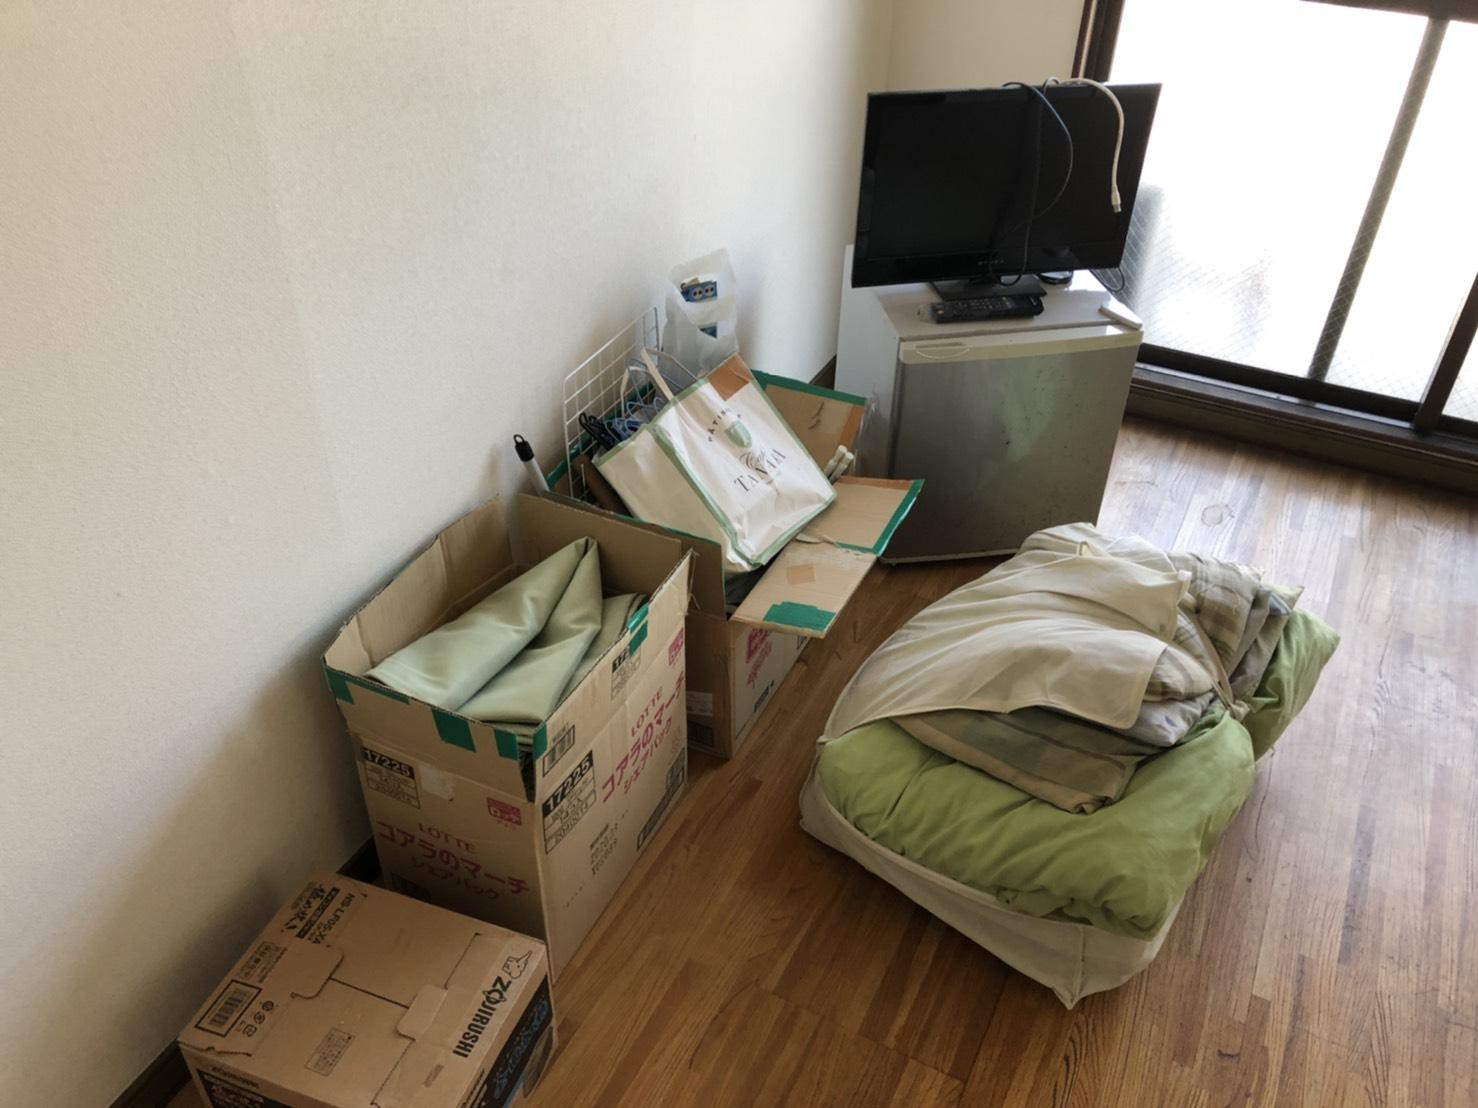 テレビ、冷蔵庫、布団の回収前